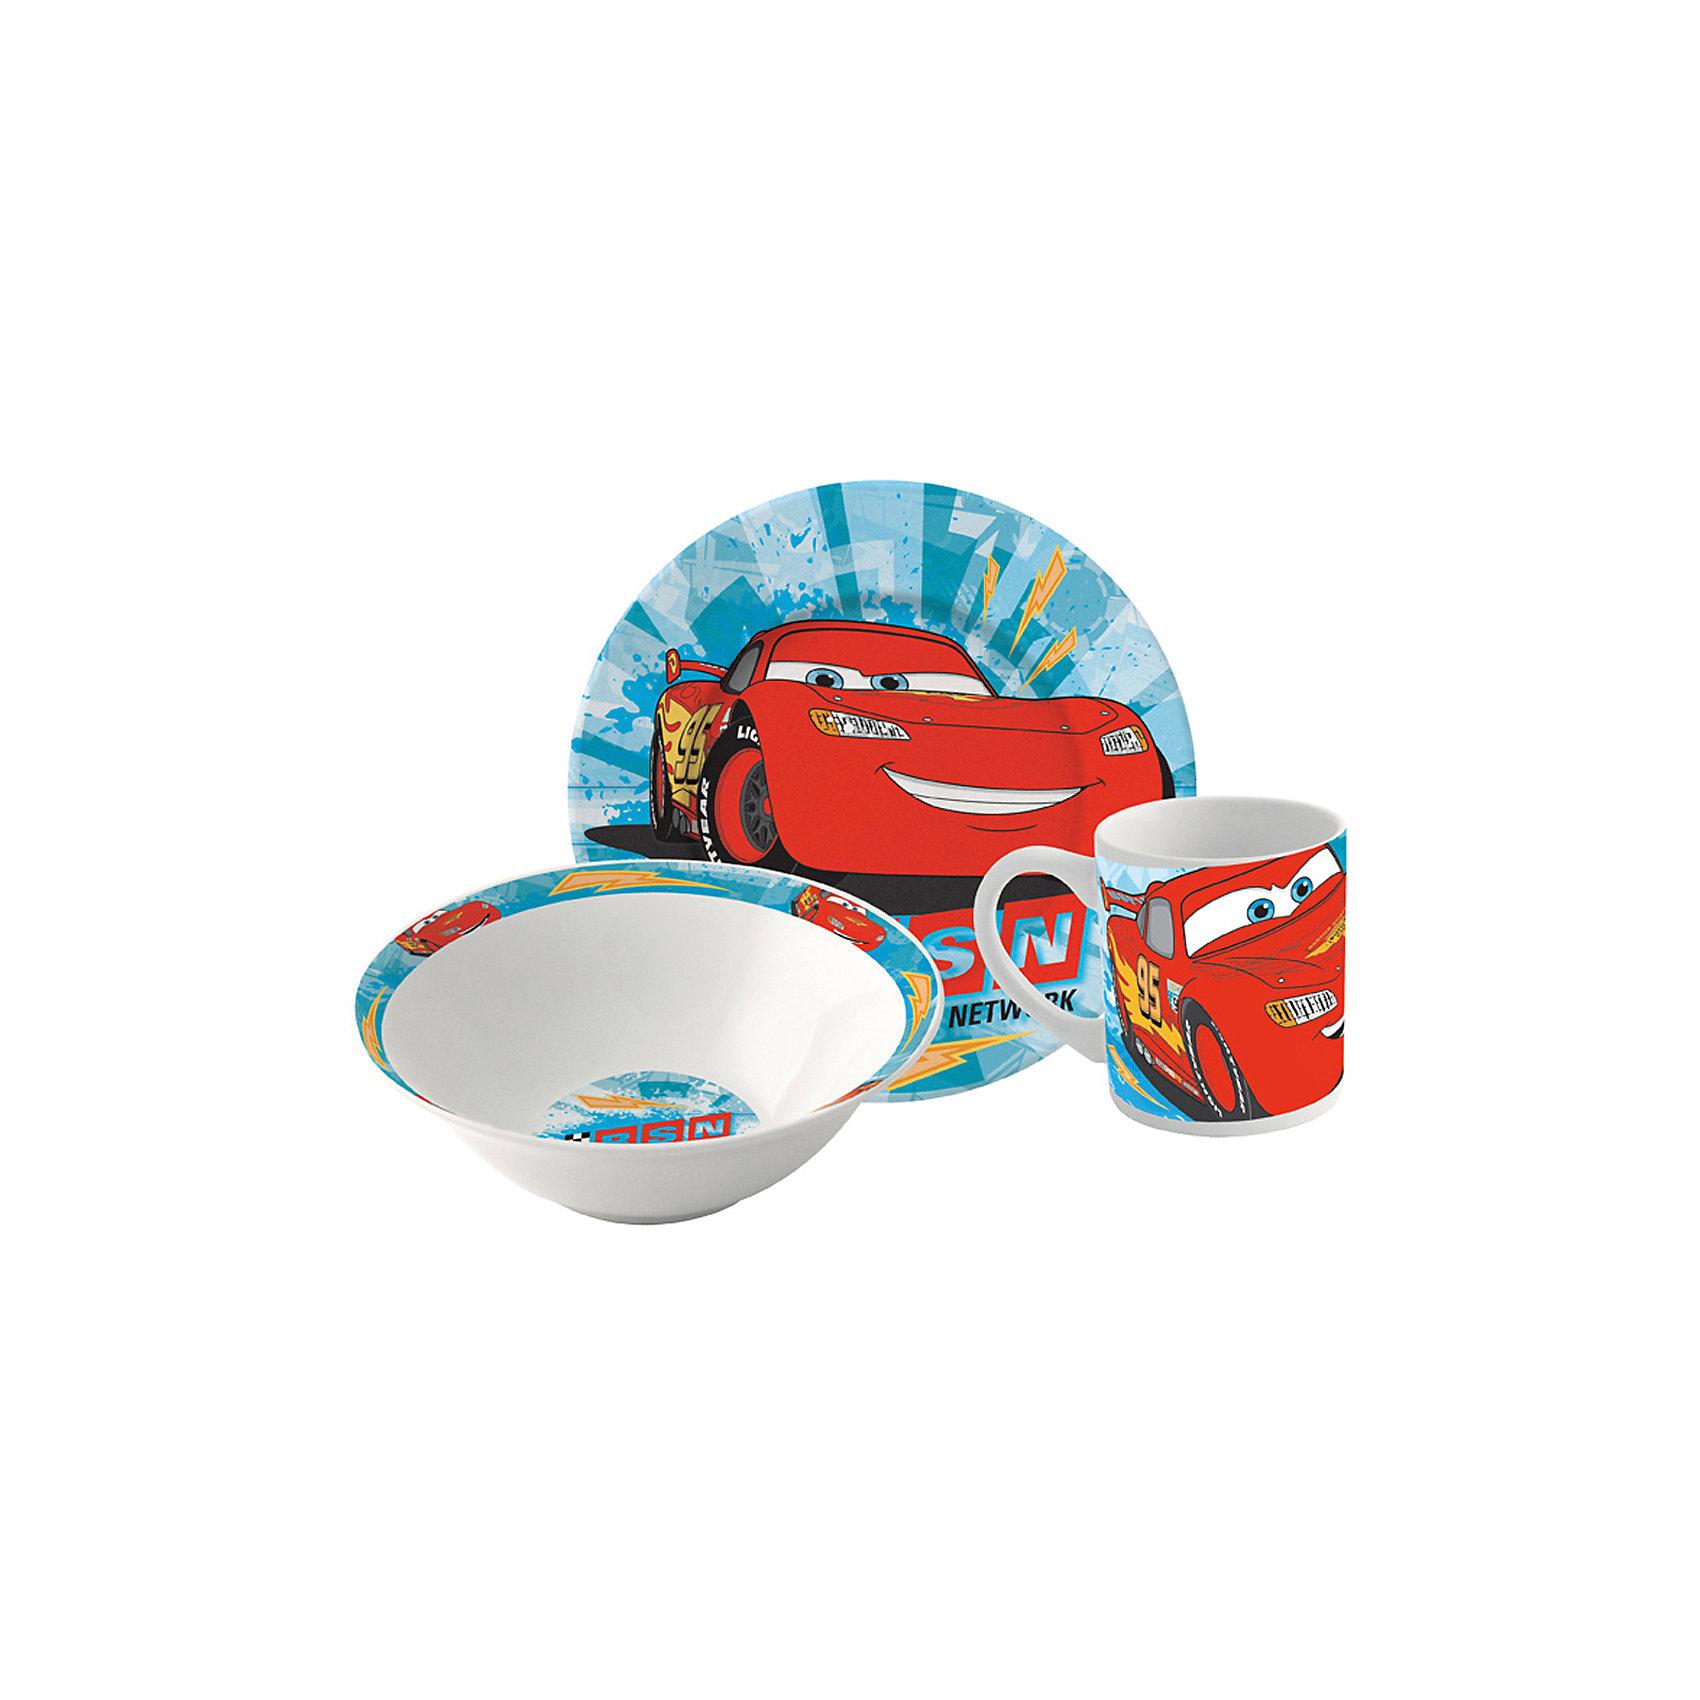 Набор керамической посуды Тачки (3 предмета)Если Ваш ребенок является поклонником  мультфильм «Тачки», то этот столовый набор, обязательно, придется ему по вкусу. На тарелке, миске и кружке Ваш малыш увидит любимые машинки, которые будут поднимать ему настроение во время приема пищи. Цветовая гамма изделия – ярко-голубой цвет и красная, улыбающаяся машина. Посуду легко мыть, можно использовать в СВЧ, а красочное изображение долго останется в целости.<br><br>Дополнительная информация: <br><br>возраст: от 3 лет<br>В набор входят:<br>- тарелка: 19 см.    <br>- миска: (? 17.5 см).<br>- кружки: 210 мл. <br>- материал: керамика<br>- размер упаковки: 25 * 9 * 20 см.<br><br>Набор керамической посуды Тачки (3 предмета)  можно купить в нашем интернет-магазине.<br><br>Ширина мм: 250<br>Глубина мм: 85<br>Высота мм: 200<br>Вес г: 973<br>Возраст от месяцев: 36<br>Возраст до месяцев: 108<br>Пол: Мужской<br>Возраст: Детский<br>SKU: 4536172